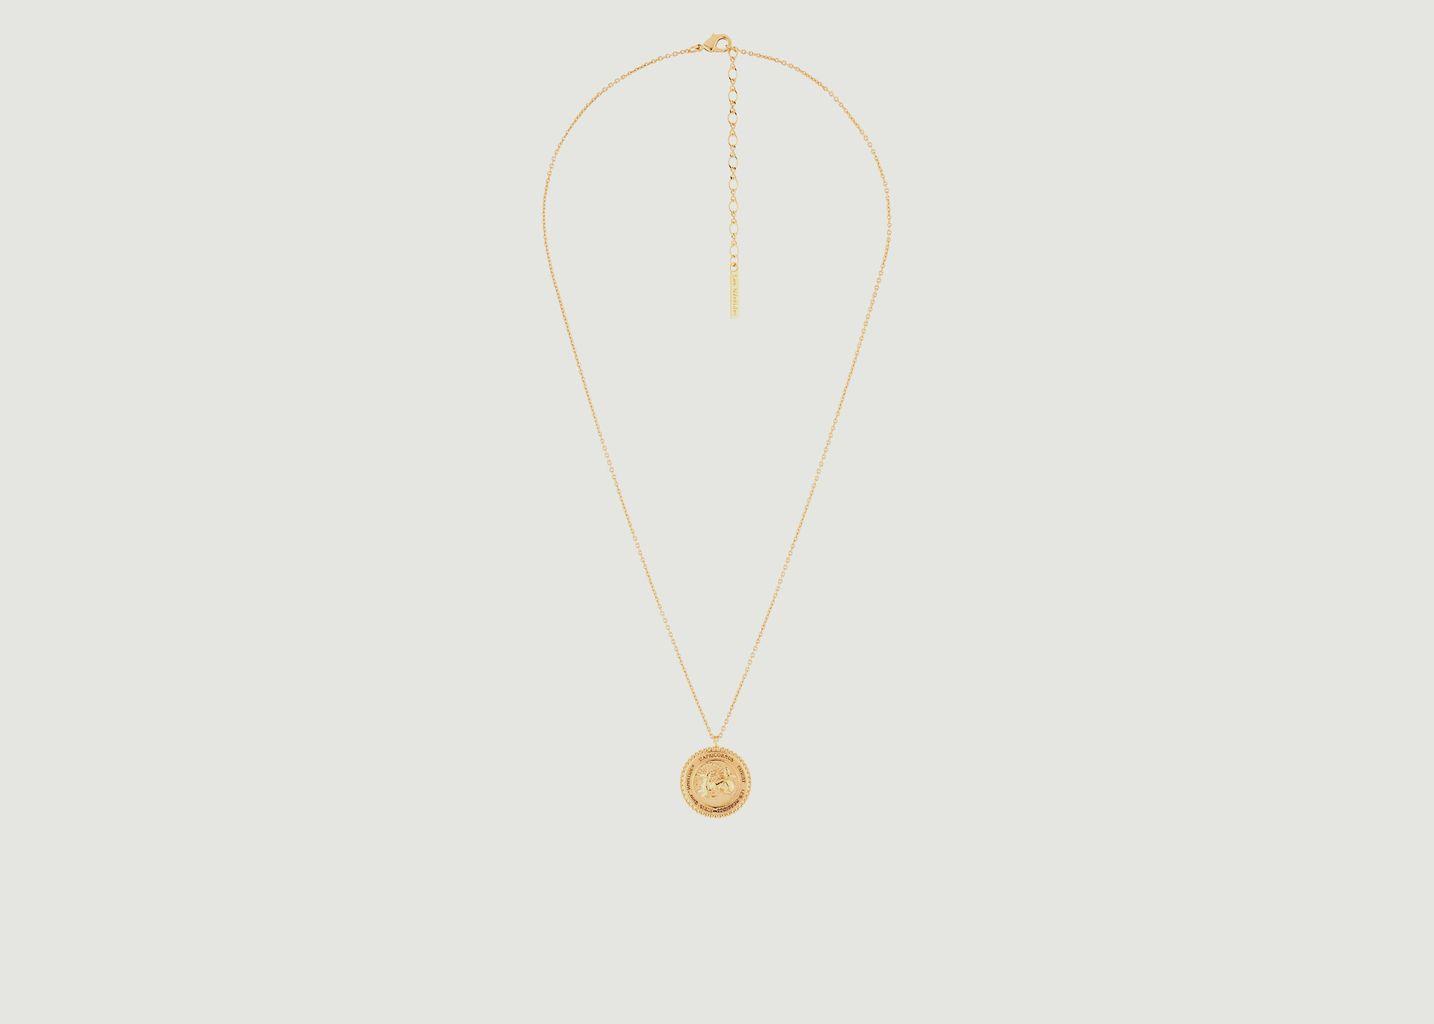 Collier avec pendentif signe astrologique Capricorne - Les Néréides